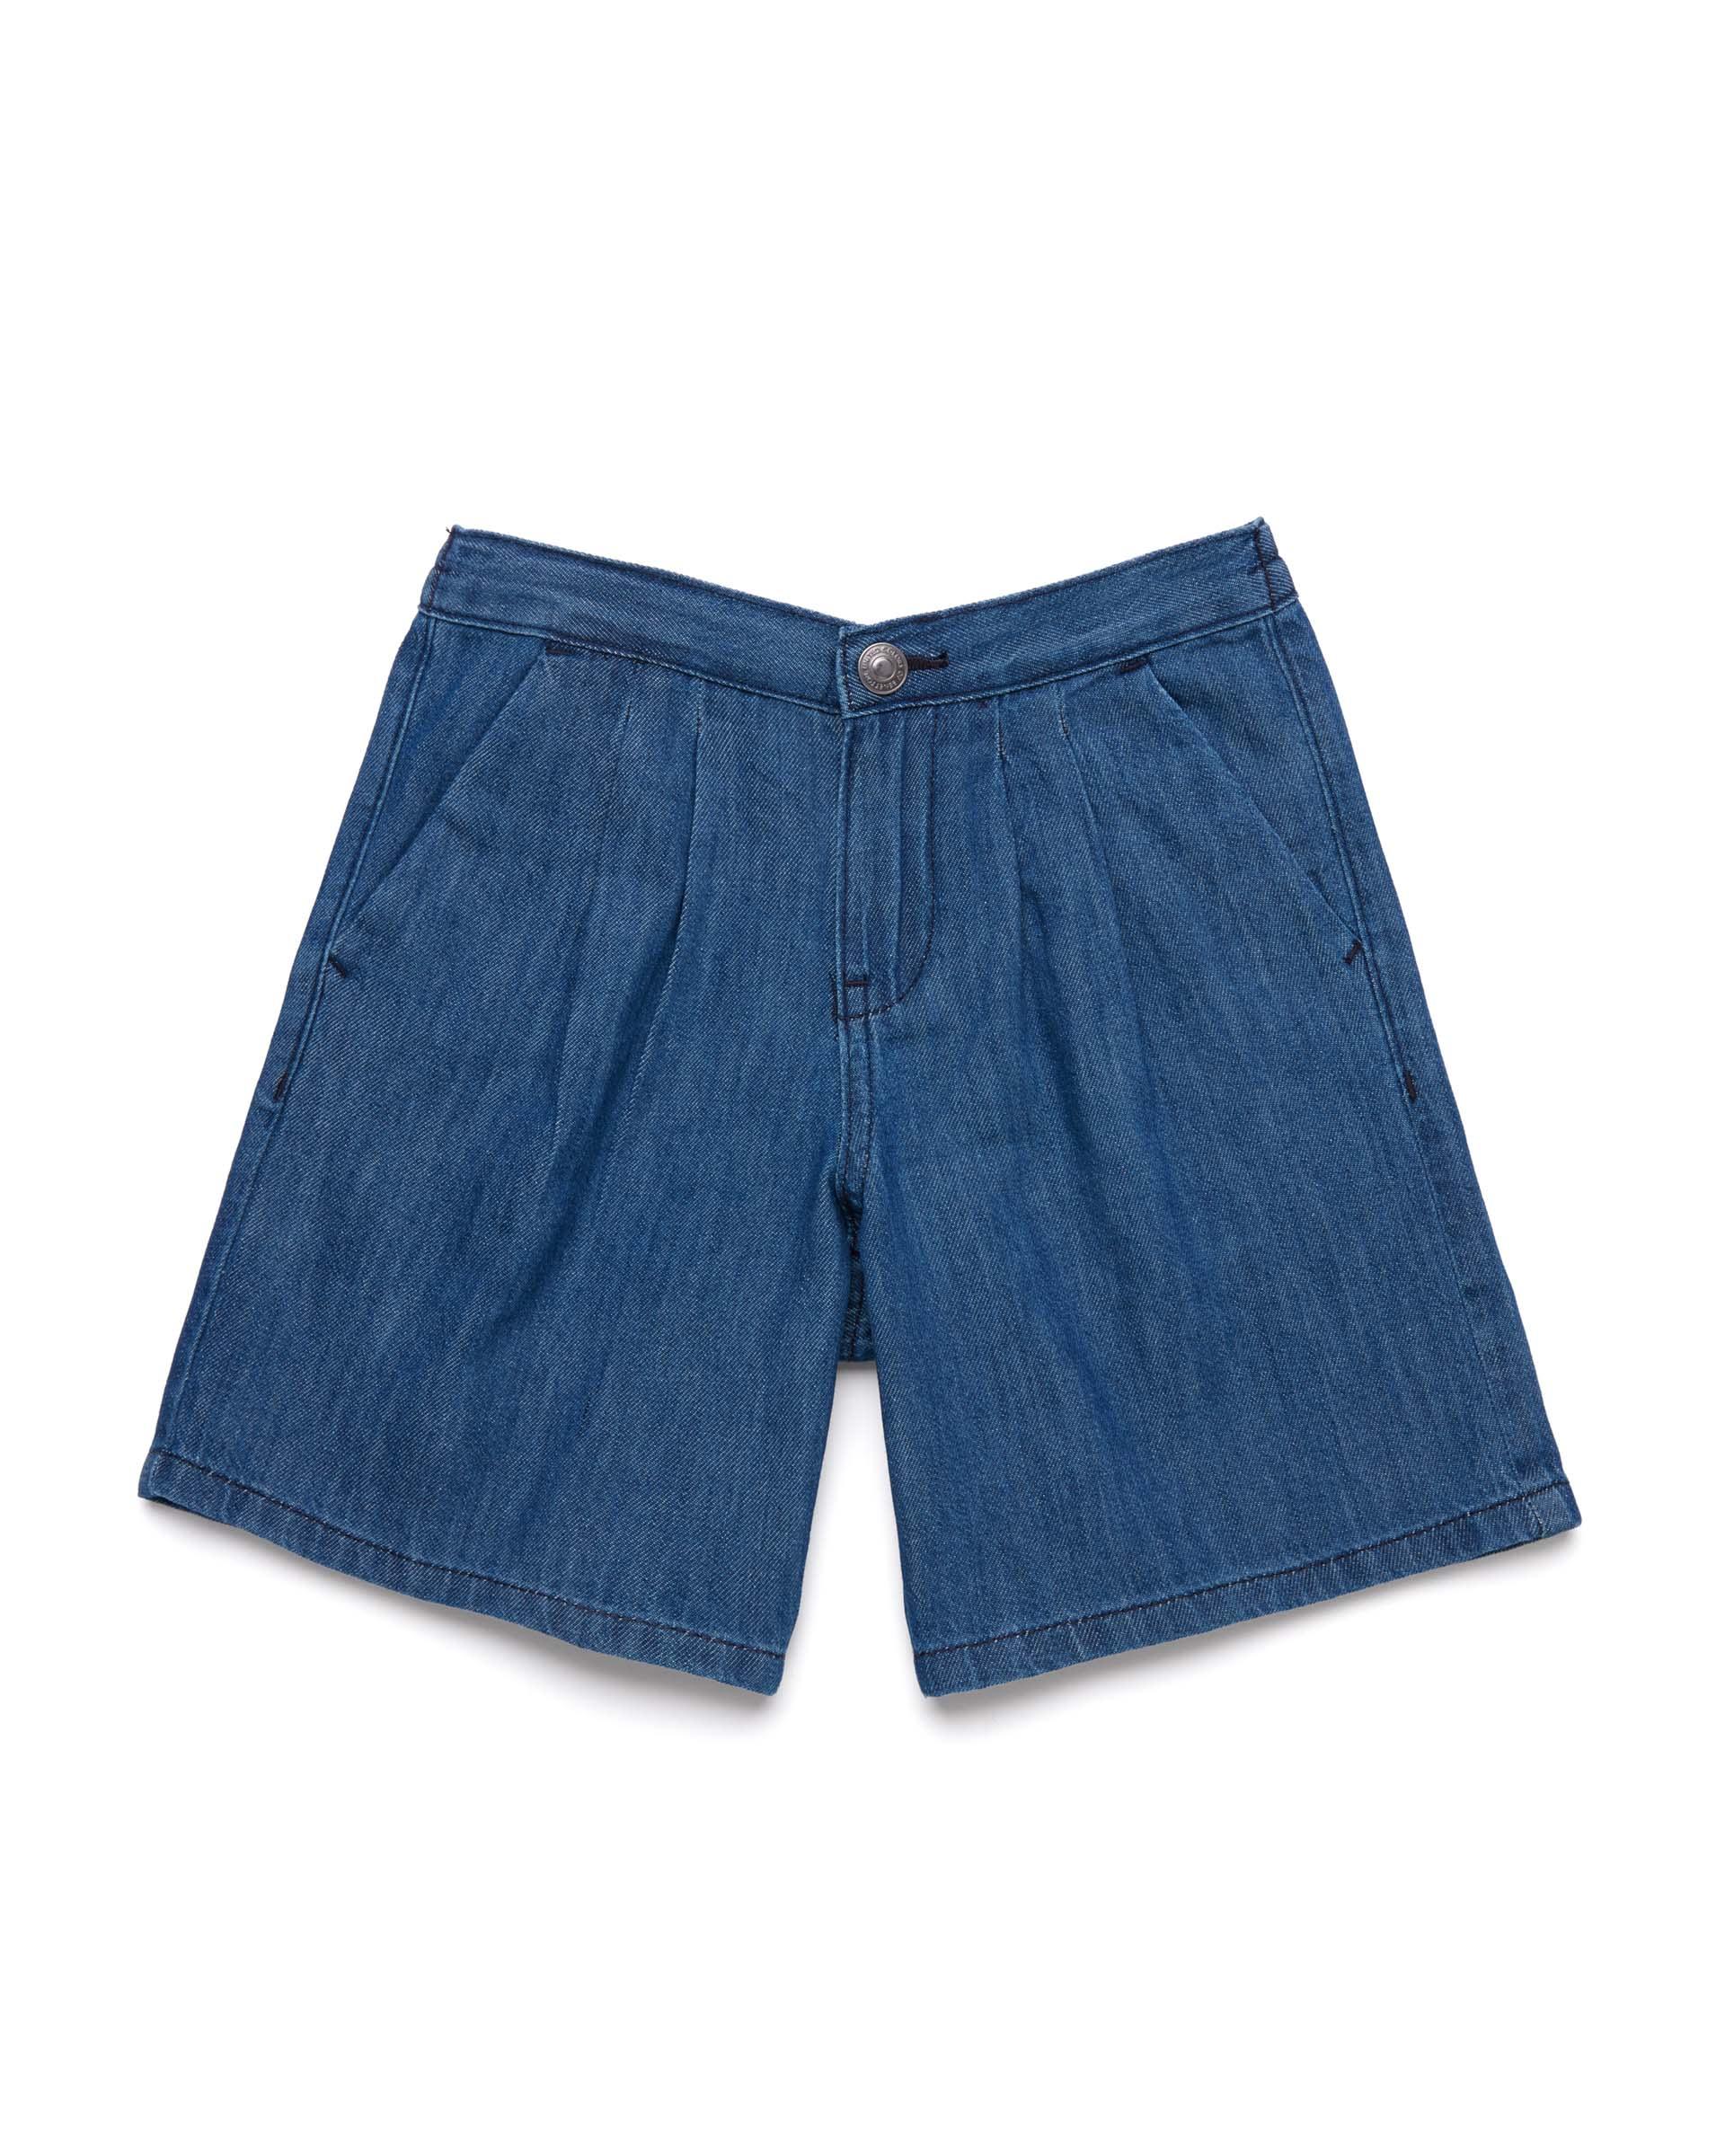 20P_4QD259EB0_901, Джинсовые шорты для девочек Benetton 4QD259EB0_901 р-р 128, United Colors of Benetton, Шорты для девочек  - купить со скидкой